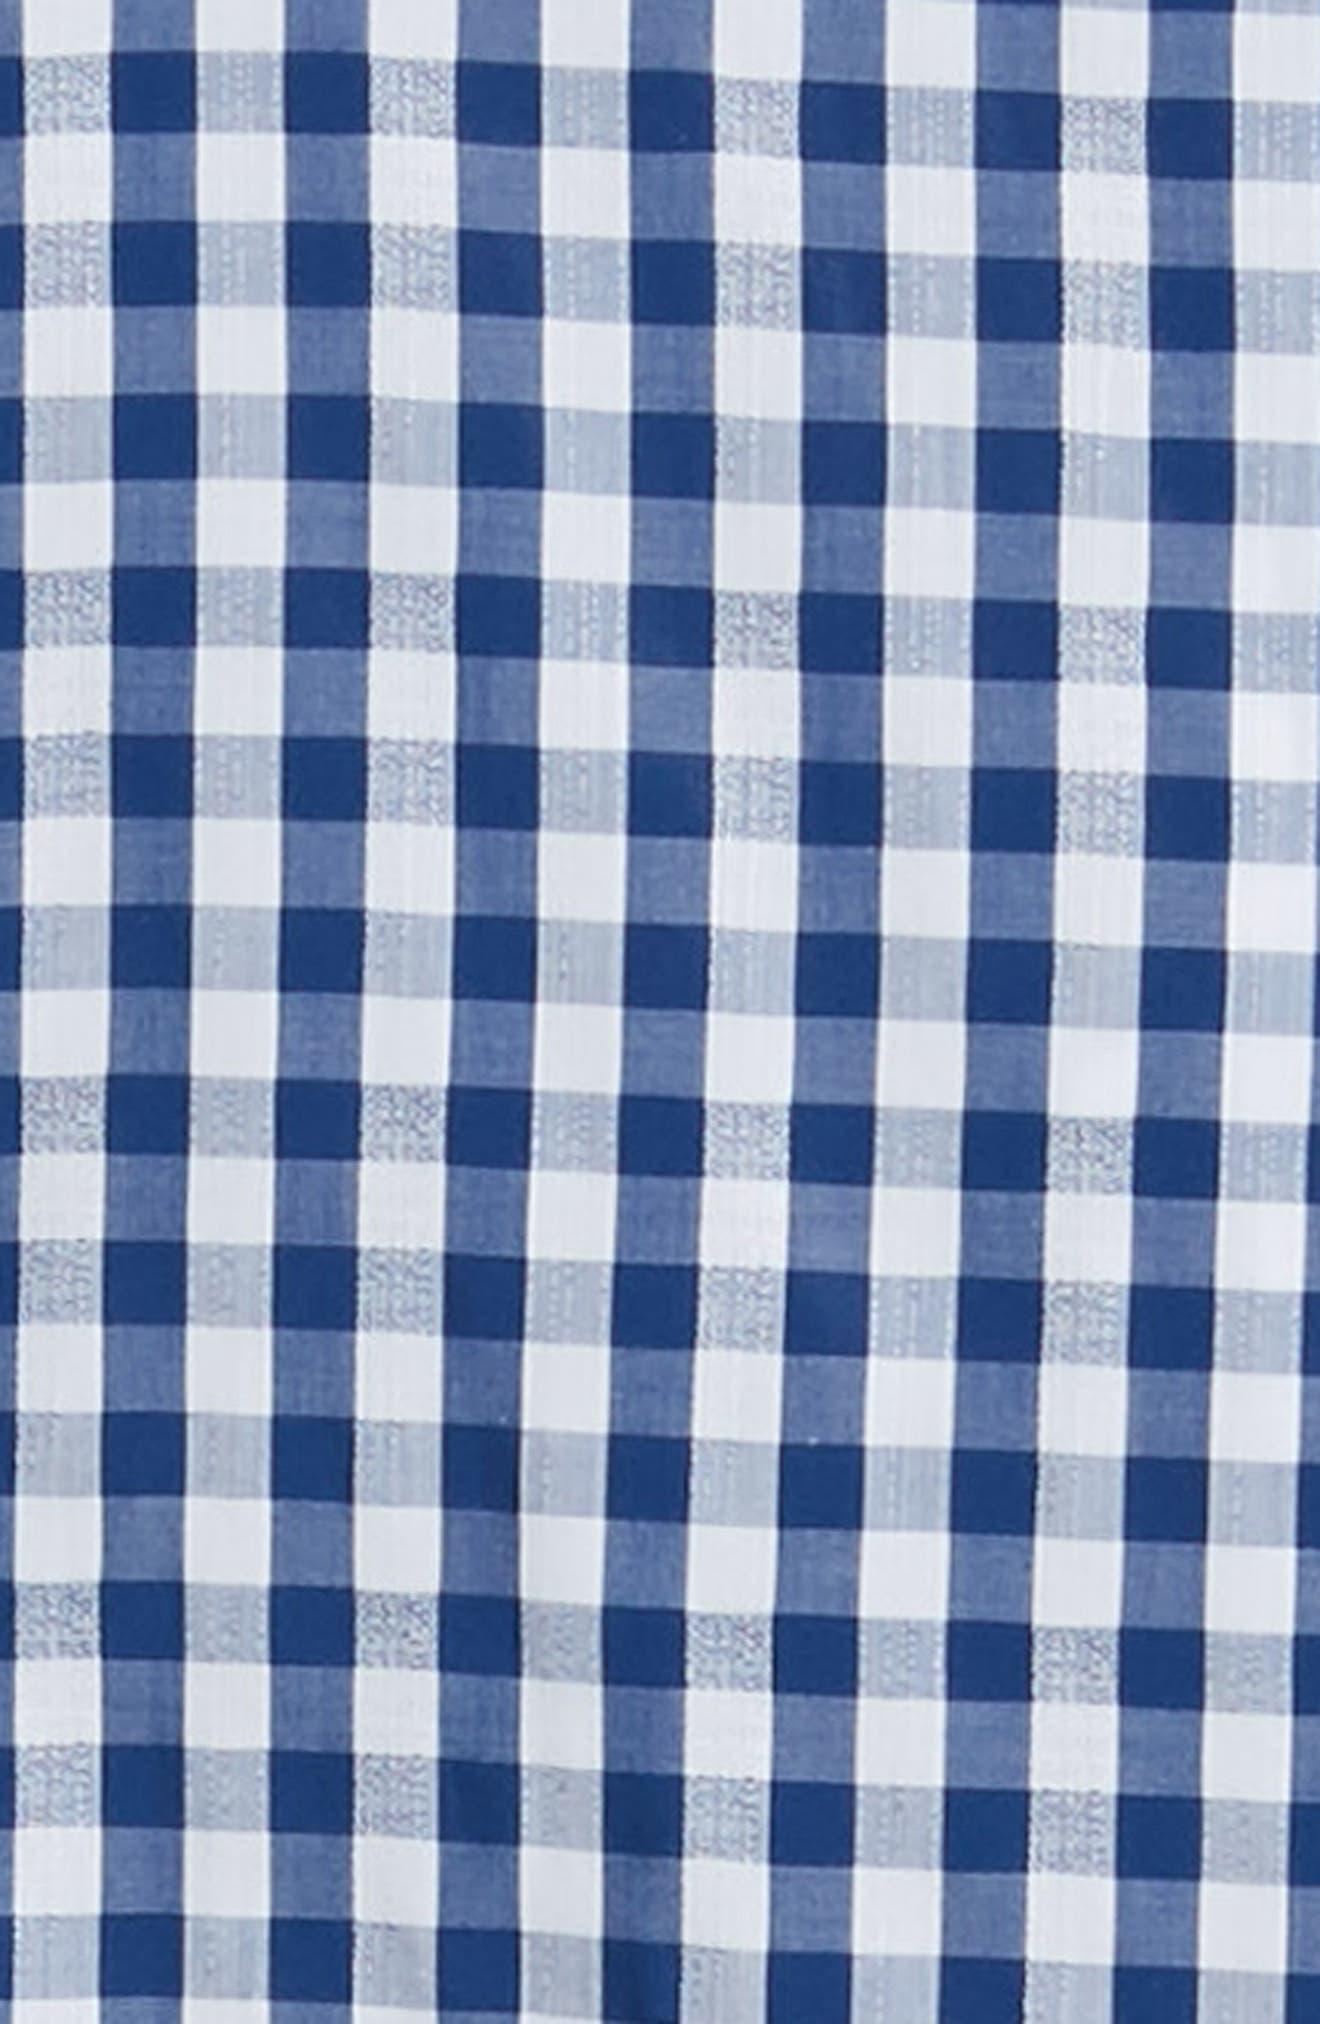 Trim Fit Check Dress Shirt,                             Alternate thumbnail 6, color,                             BLUE CASPIA